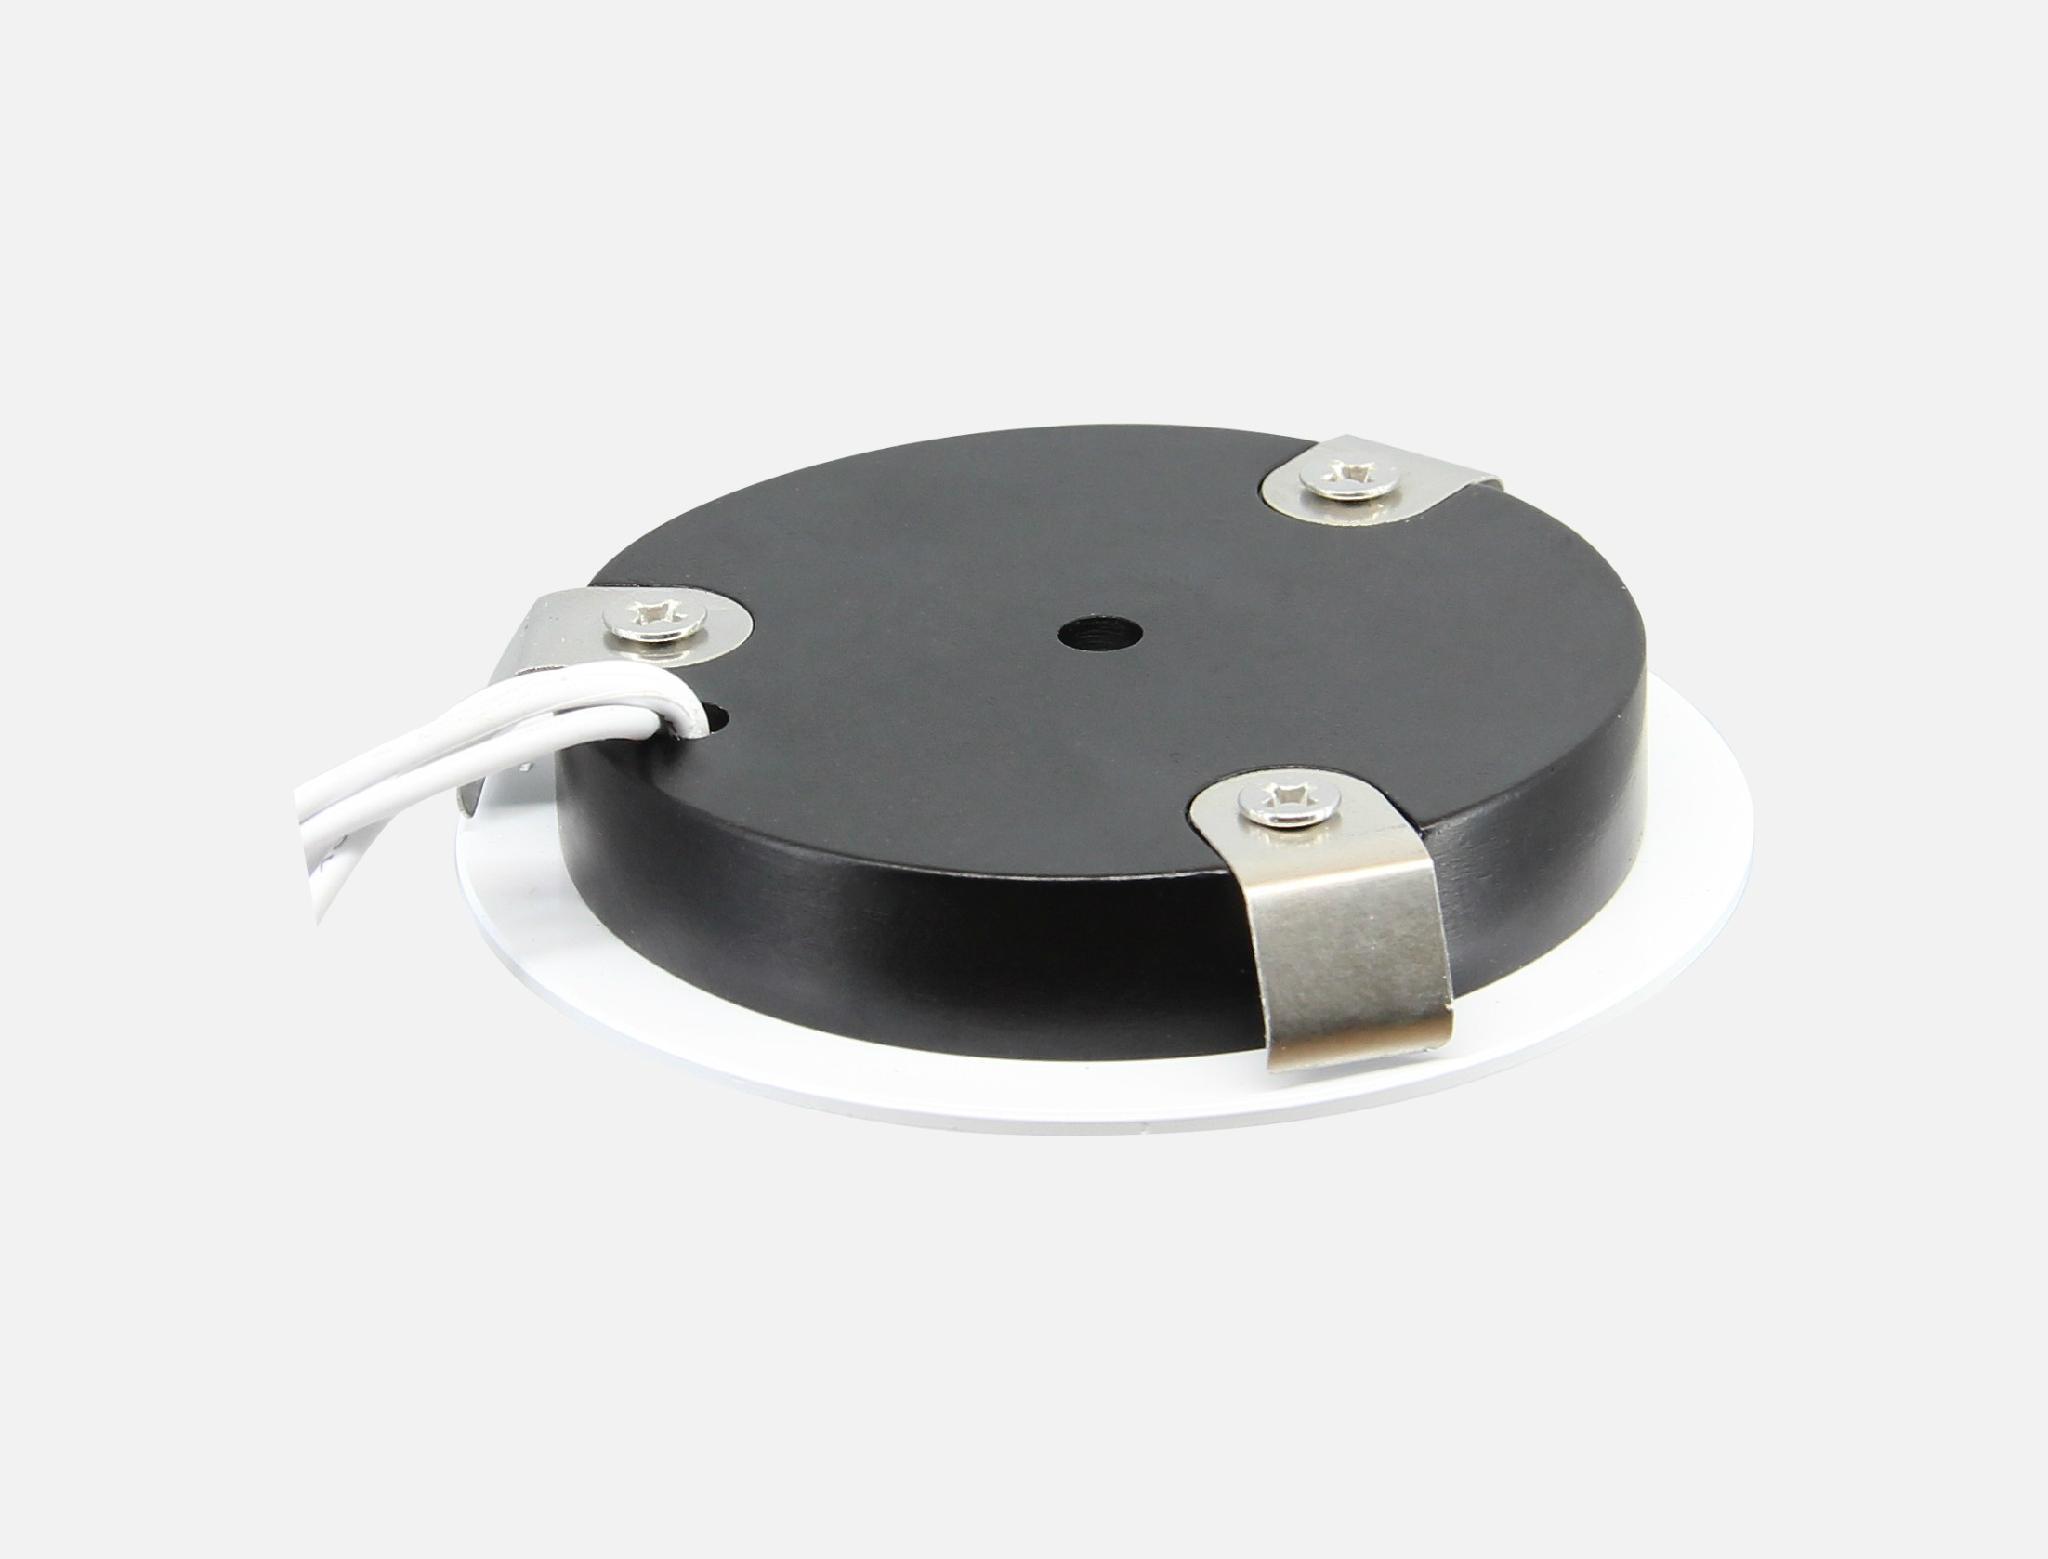 LED 橱柜灯 2